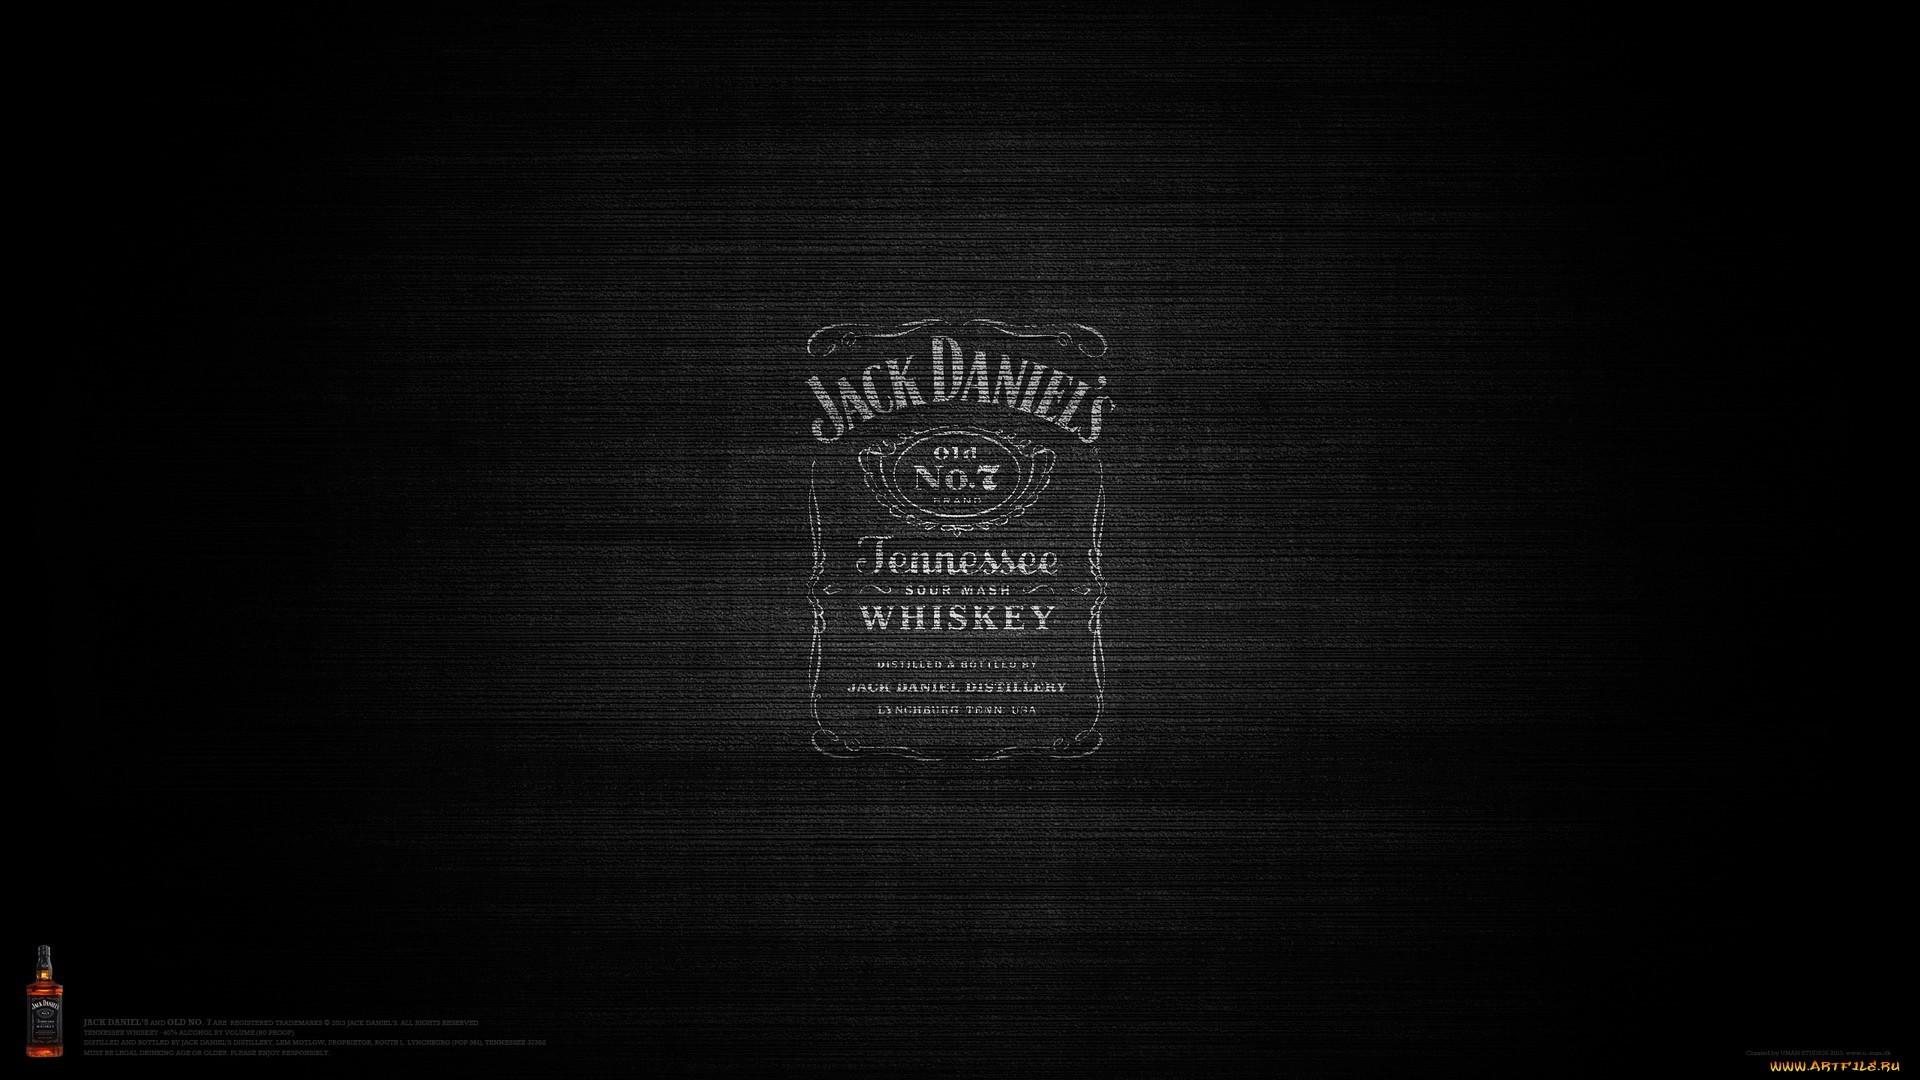 19259 Заставки и Обои Бренды на телефон. Скачать Фон, Бренды, Логотипы, Jack Daniels картинки бесплатно